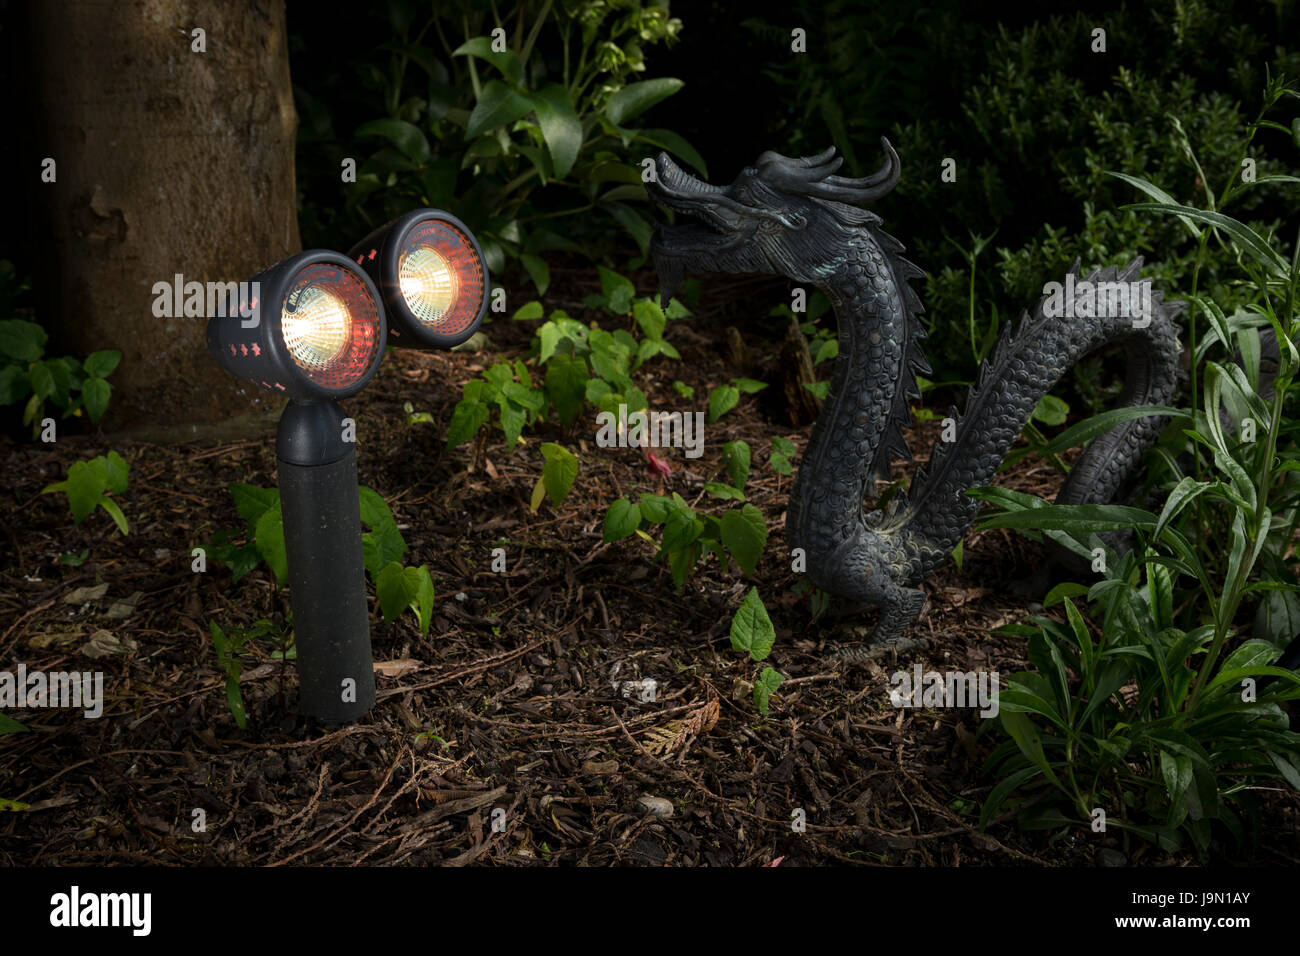 Wetterfeste Garten Led Beleuchtung Und Chinesische Drachen Feature